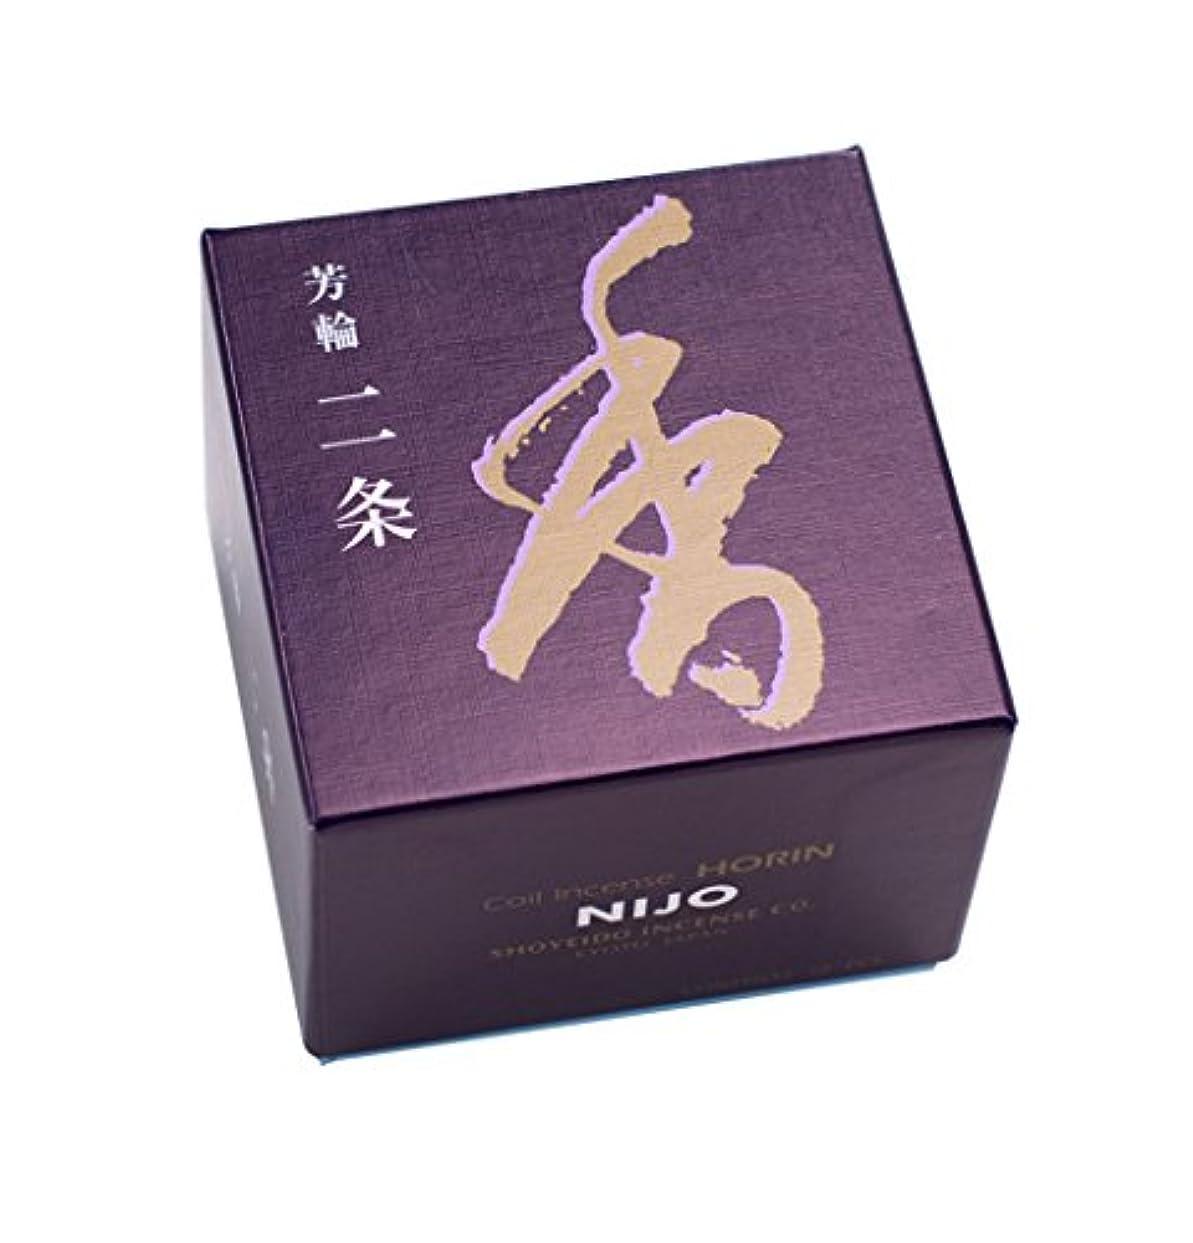 悲しいことにアジア人フルーツ松栄堂のお香 芳輪二条 渦巻型10枚入 うてな角型付 #210121